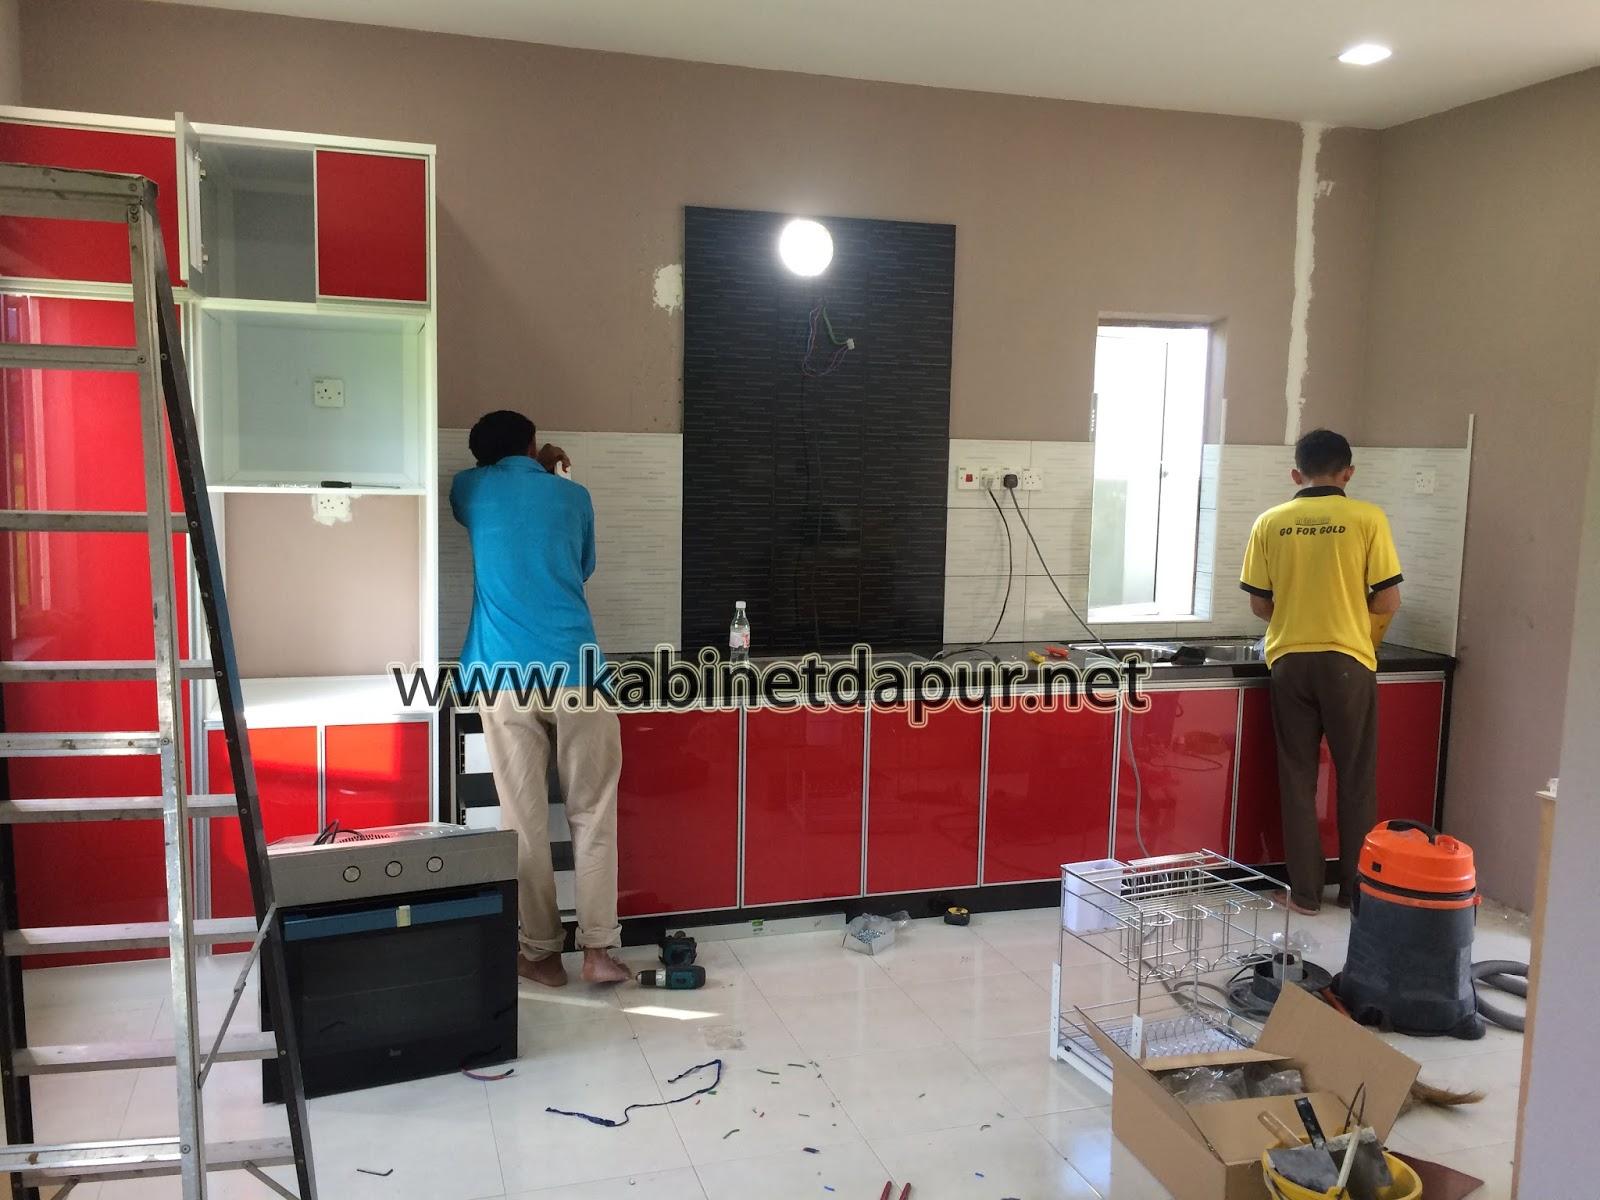 Projek Kabinet Dapur Aluminium Di Taman Bintong Aman Kangar Kabinet Dapur Kabinet Dapur Alor Setar